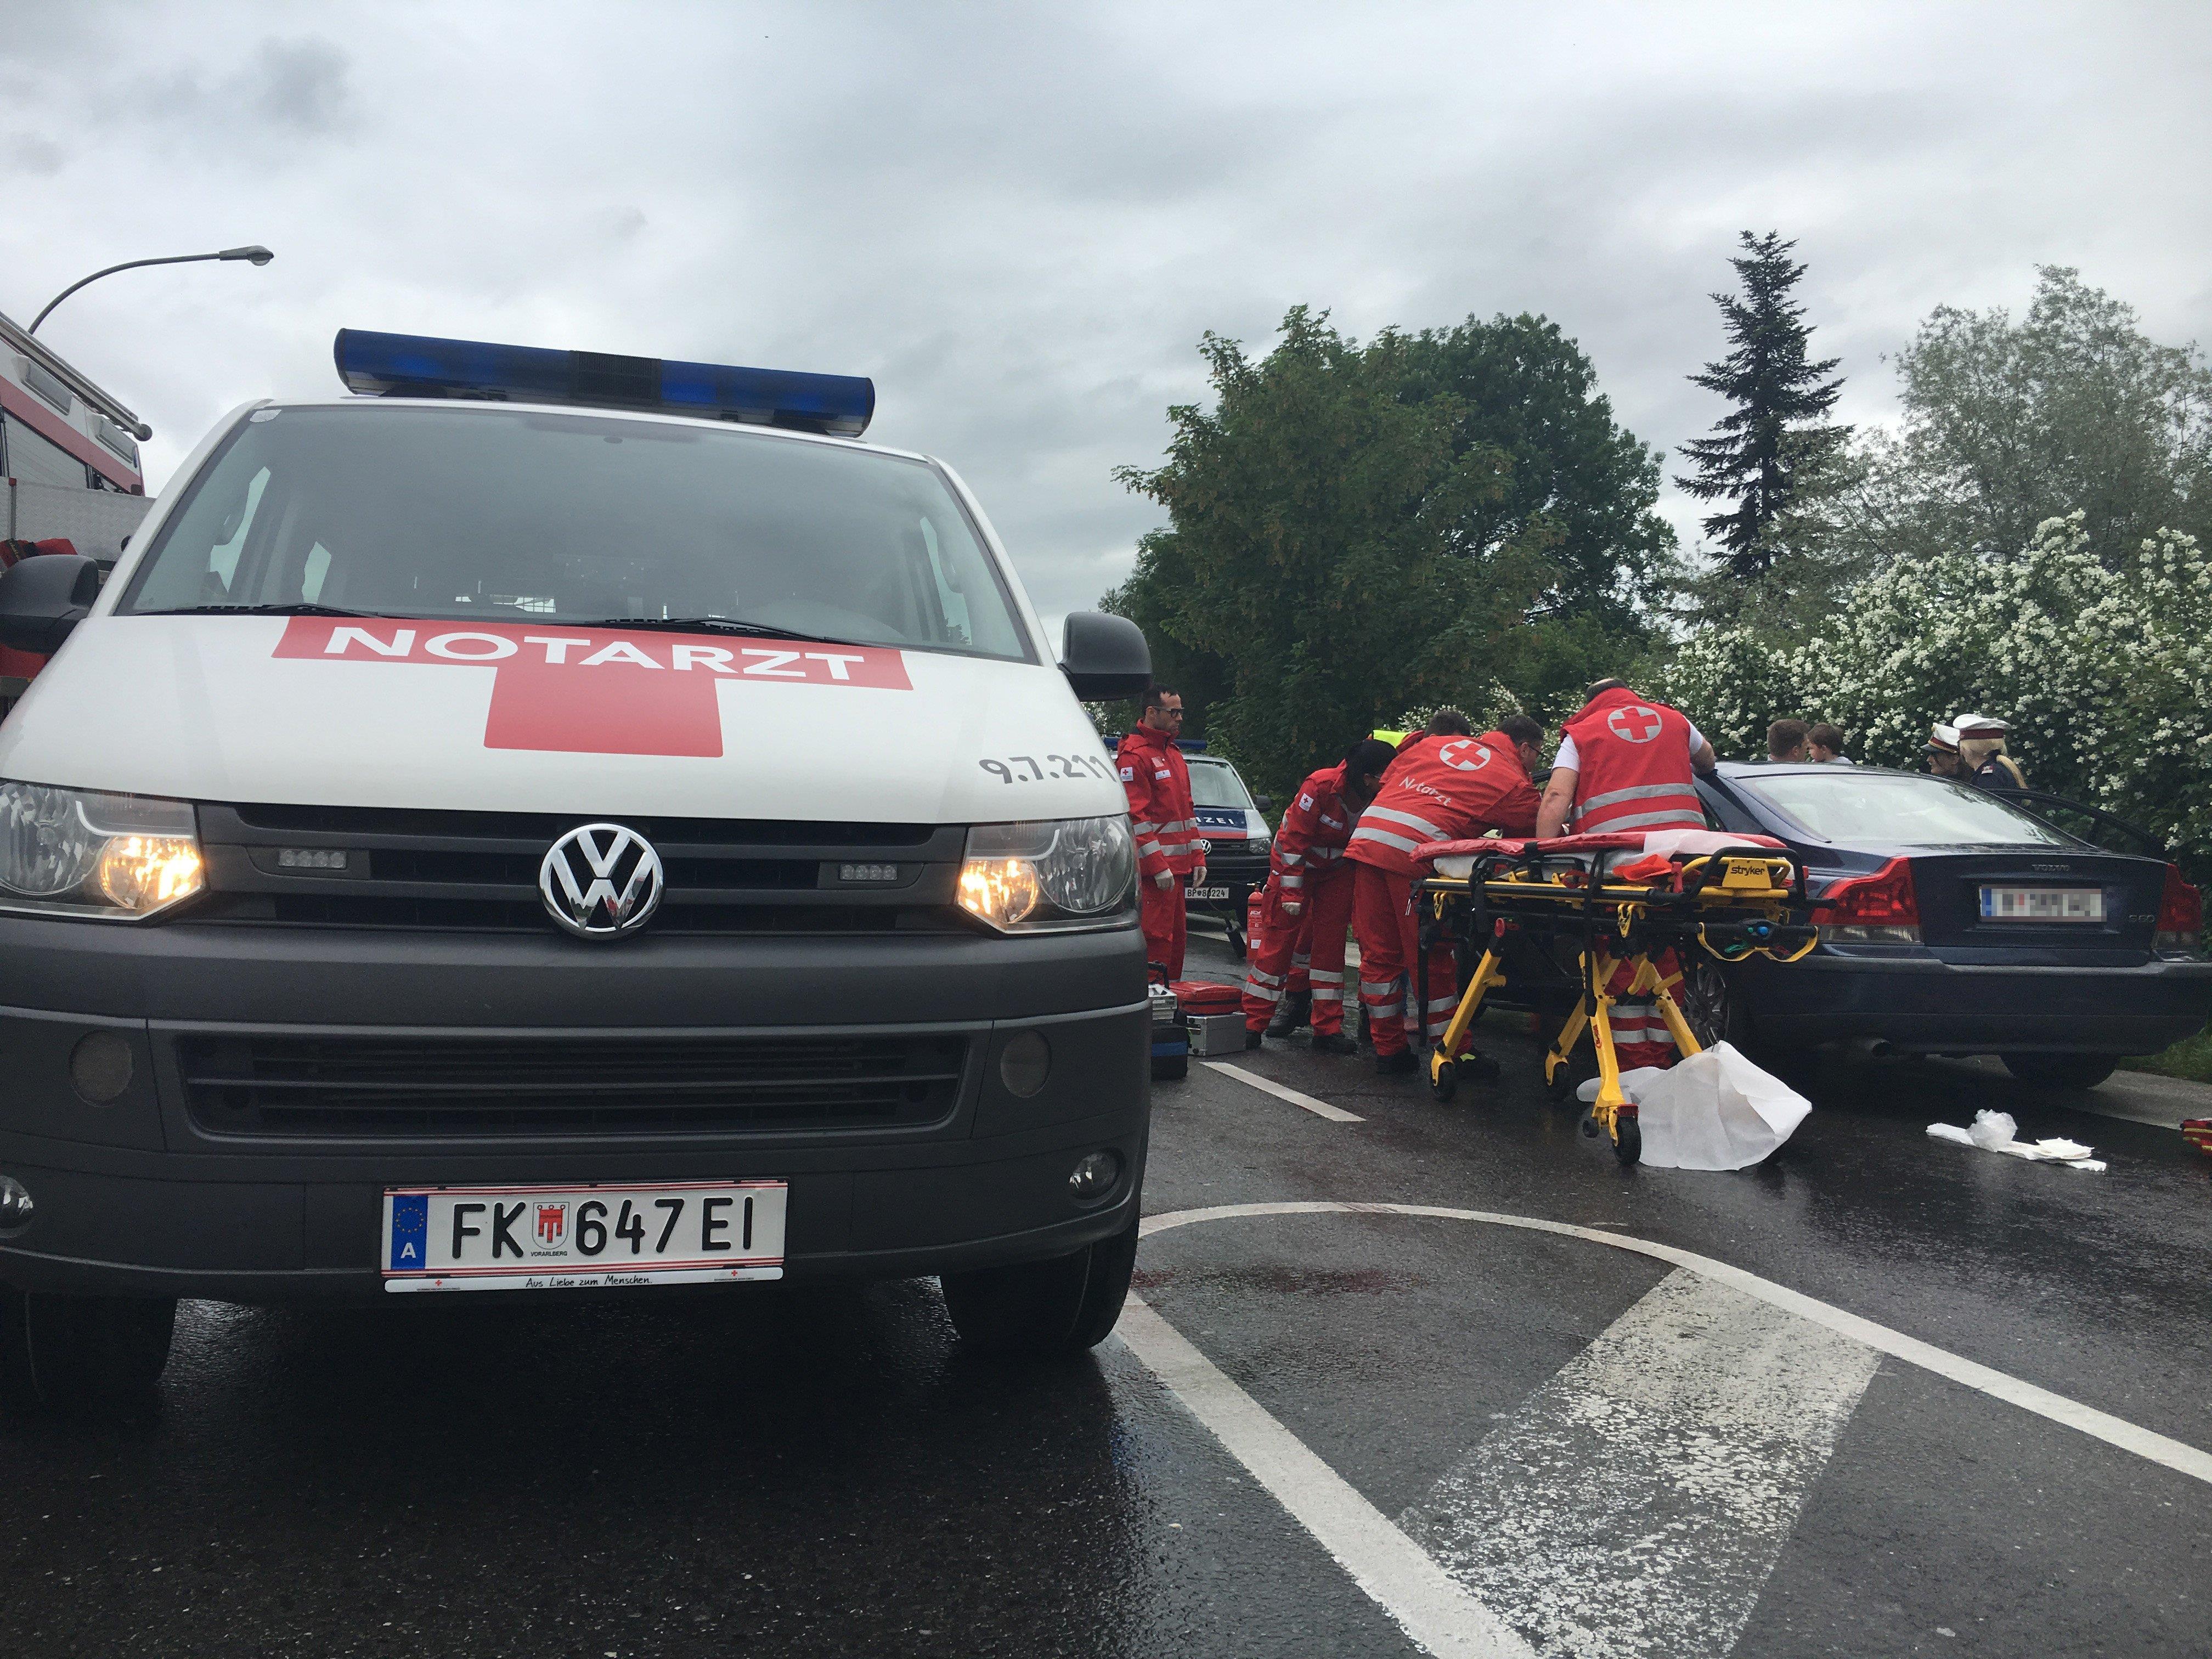 Die L202 ist in Fußach nach einem schweren Verkehrsunfall gesperrt.